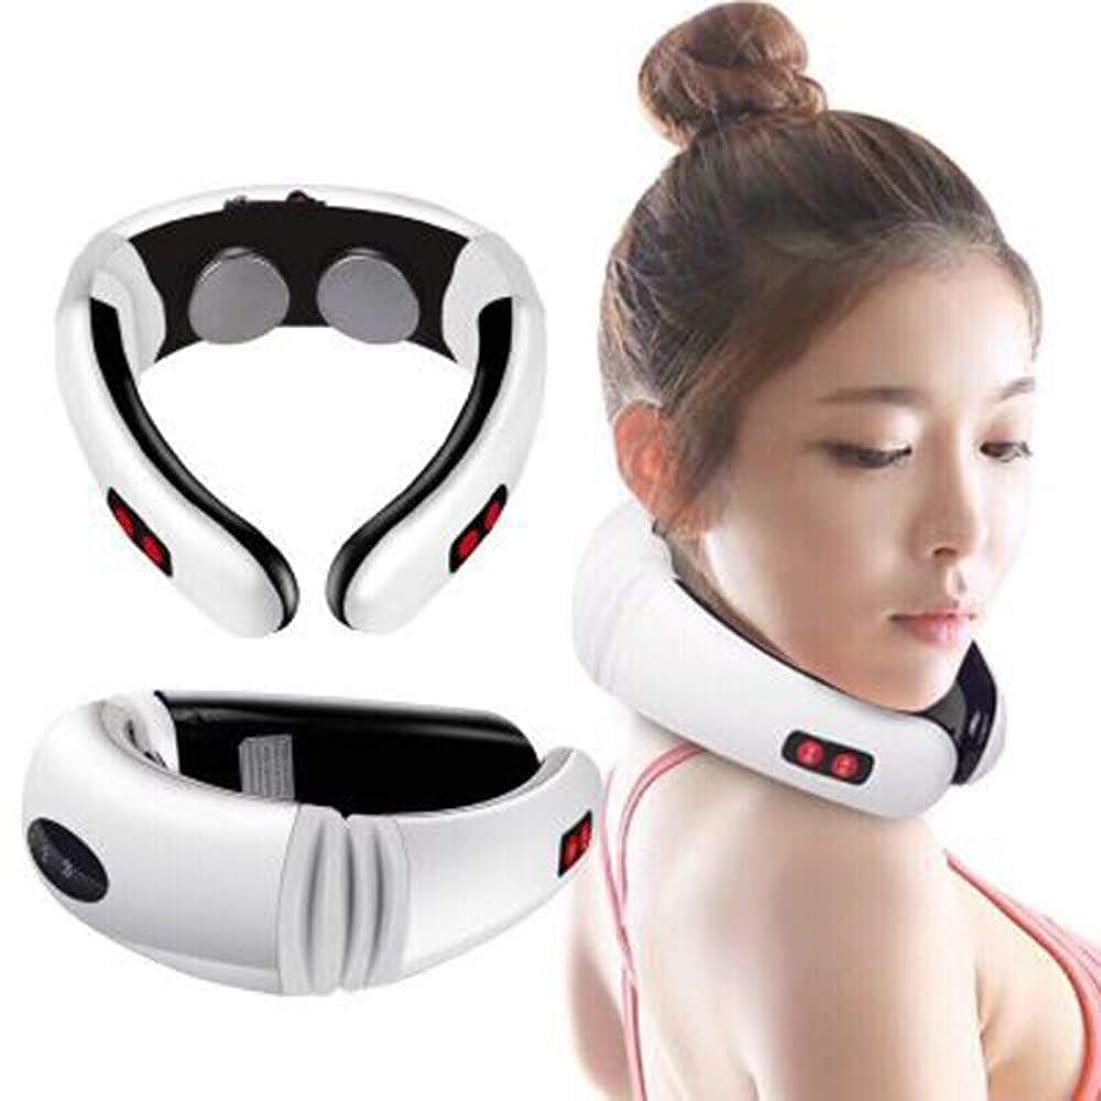 通信網安いです親ポータブル電子ネックマッサージ装置 - 首の痛み、肩の痛み、頸部頭痛の治療用 - 車のホームオフィス用